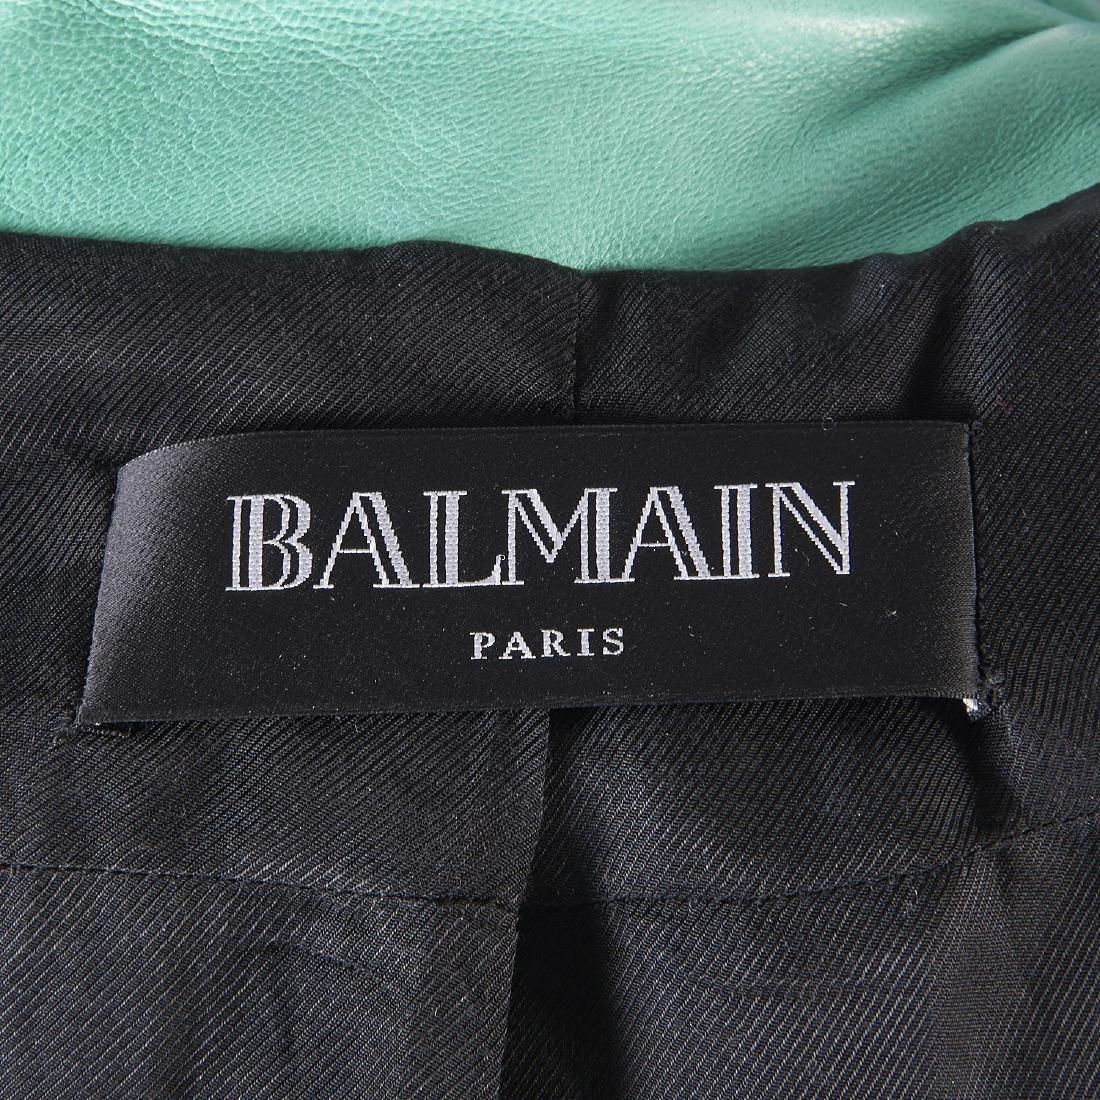 Balmain Paris turquoise lambskin jacket - 8